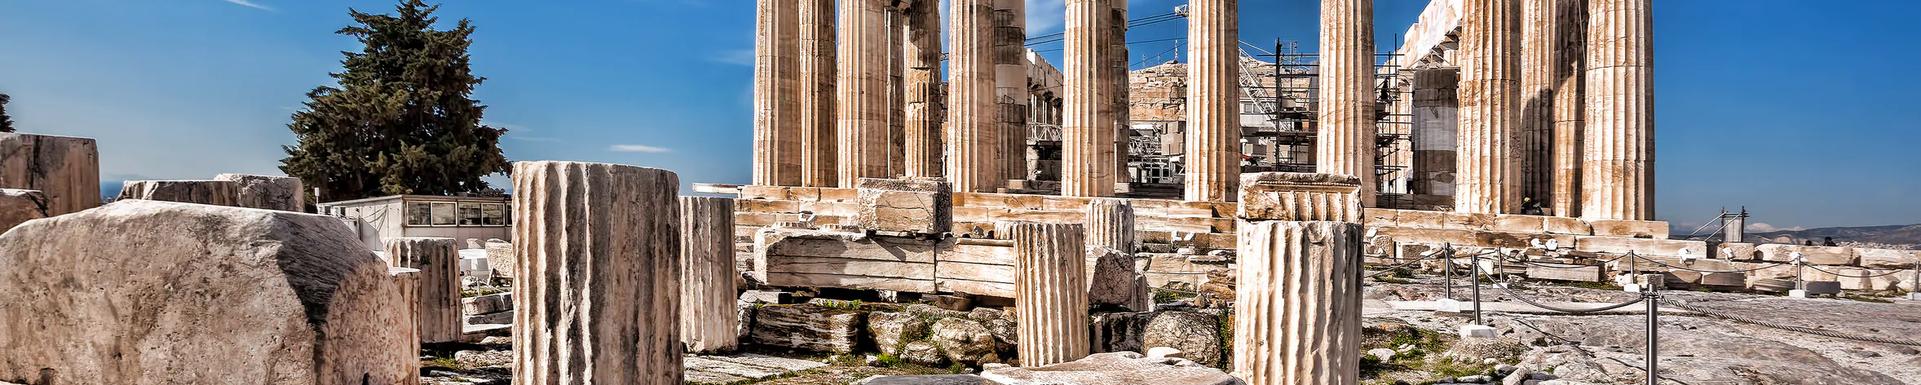 Parthenon Of Acropolis